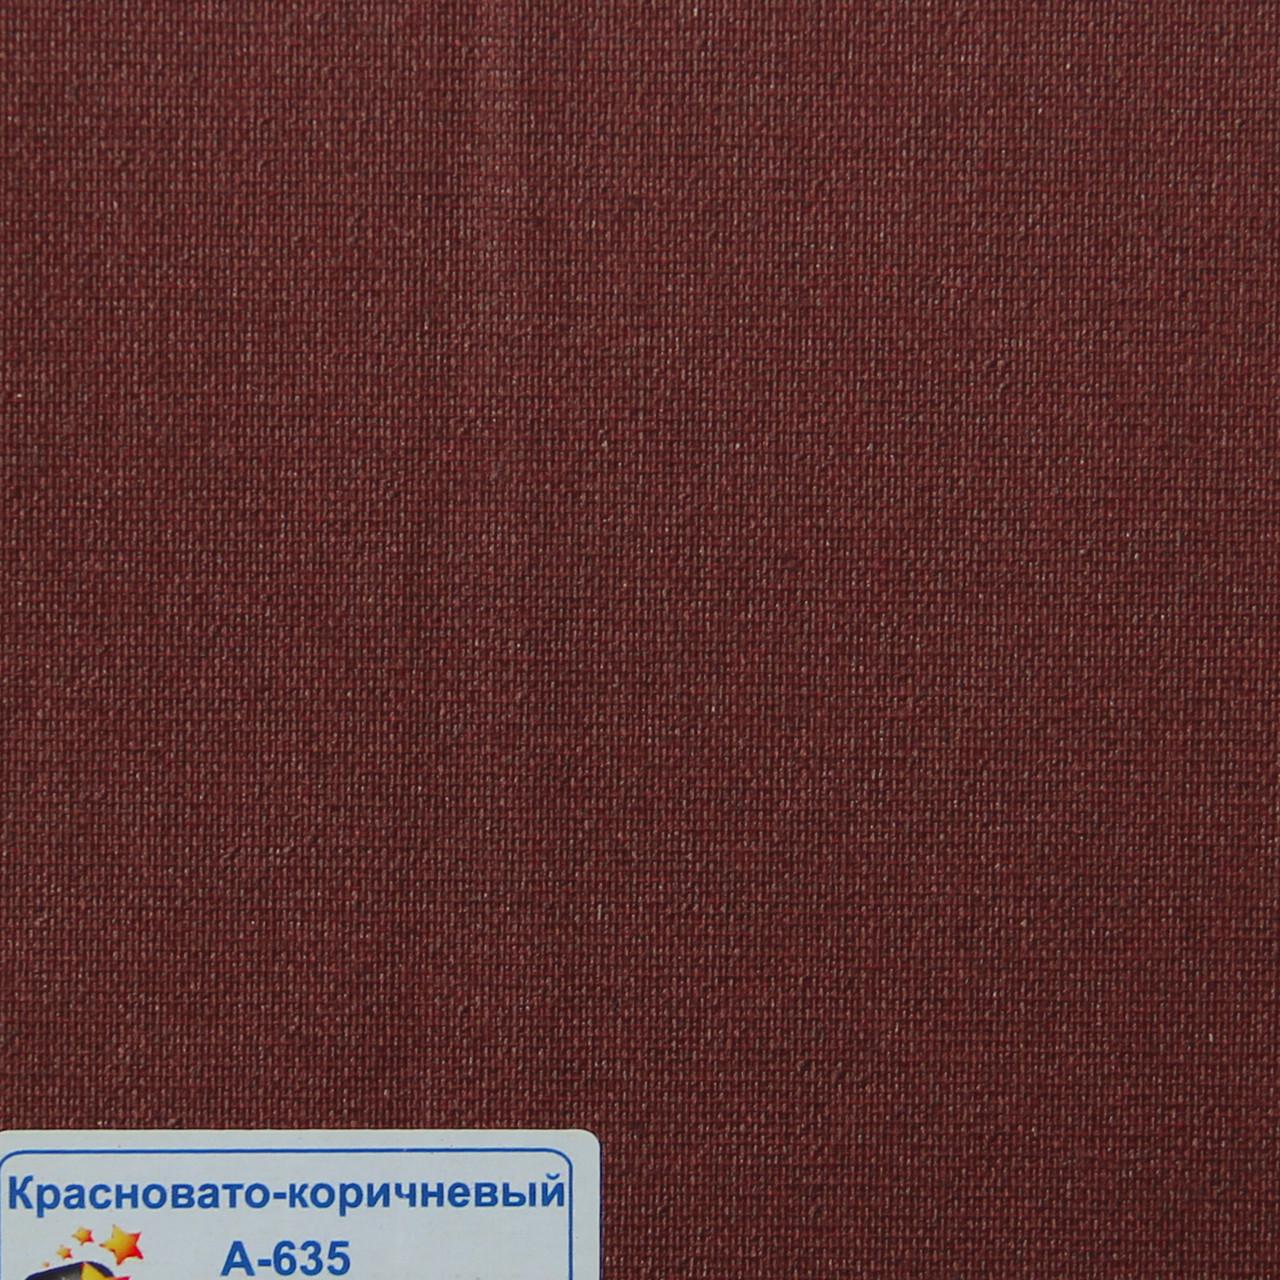 Рулонные шторы Ткань Однотонная А-635 Красновато-коричневый